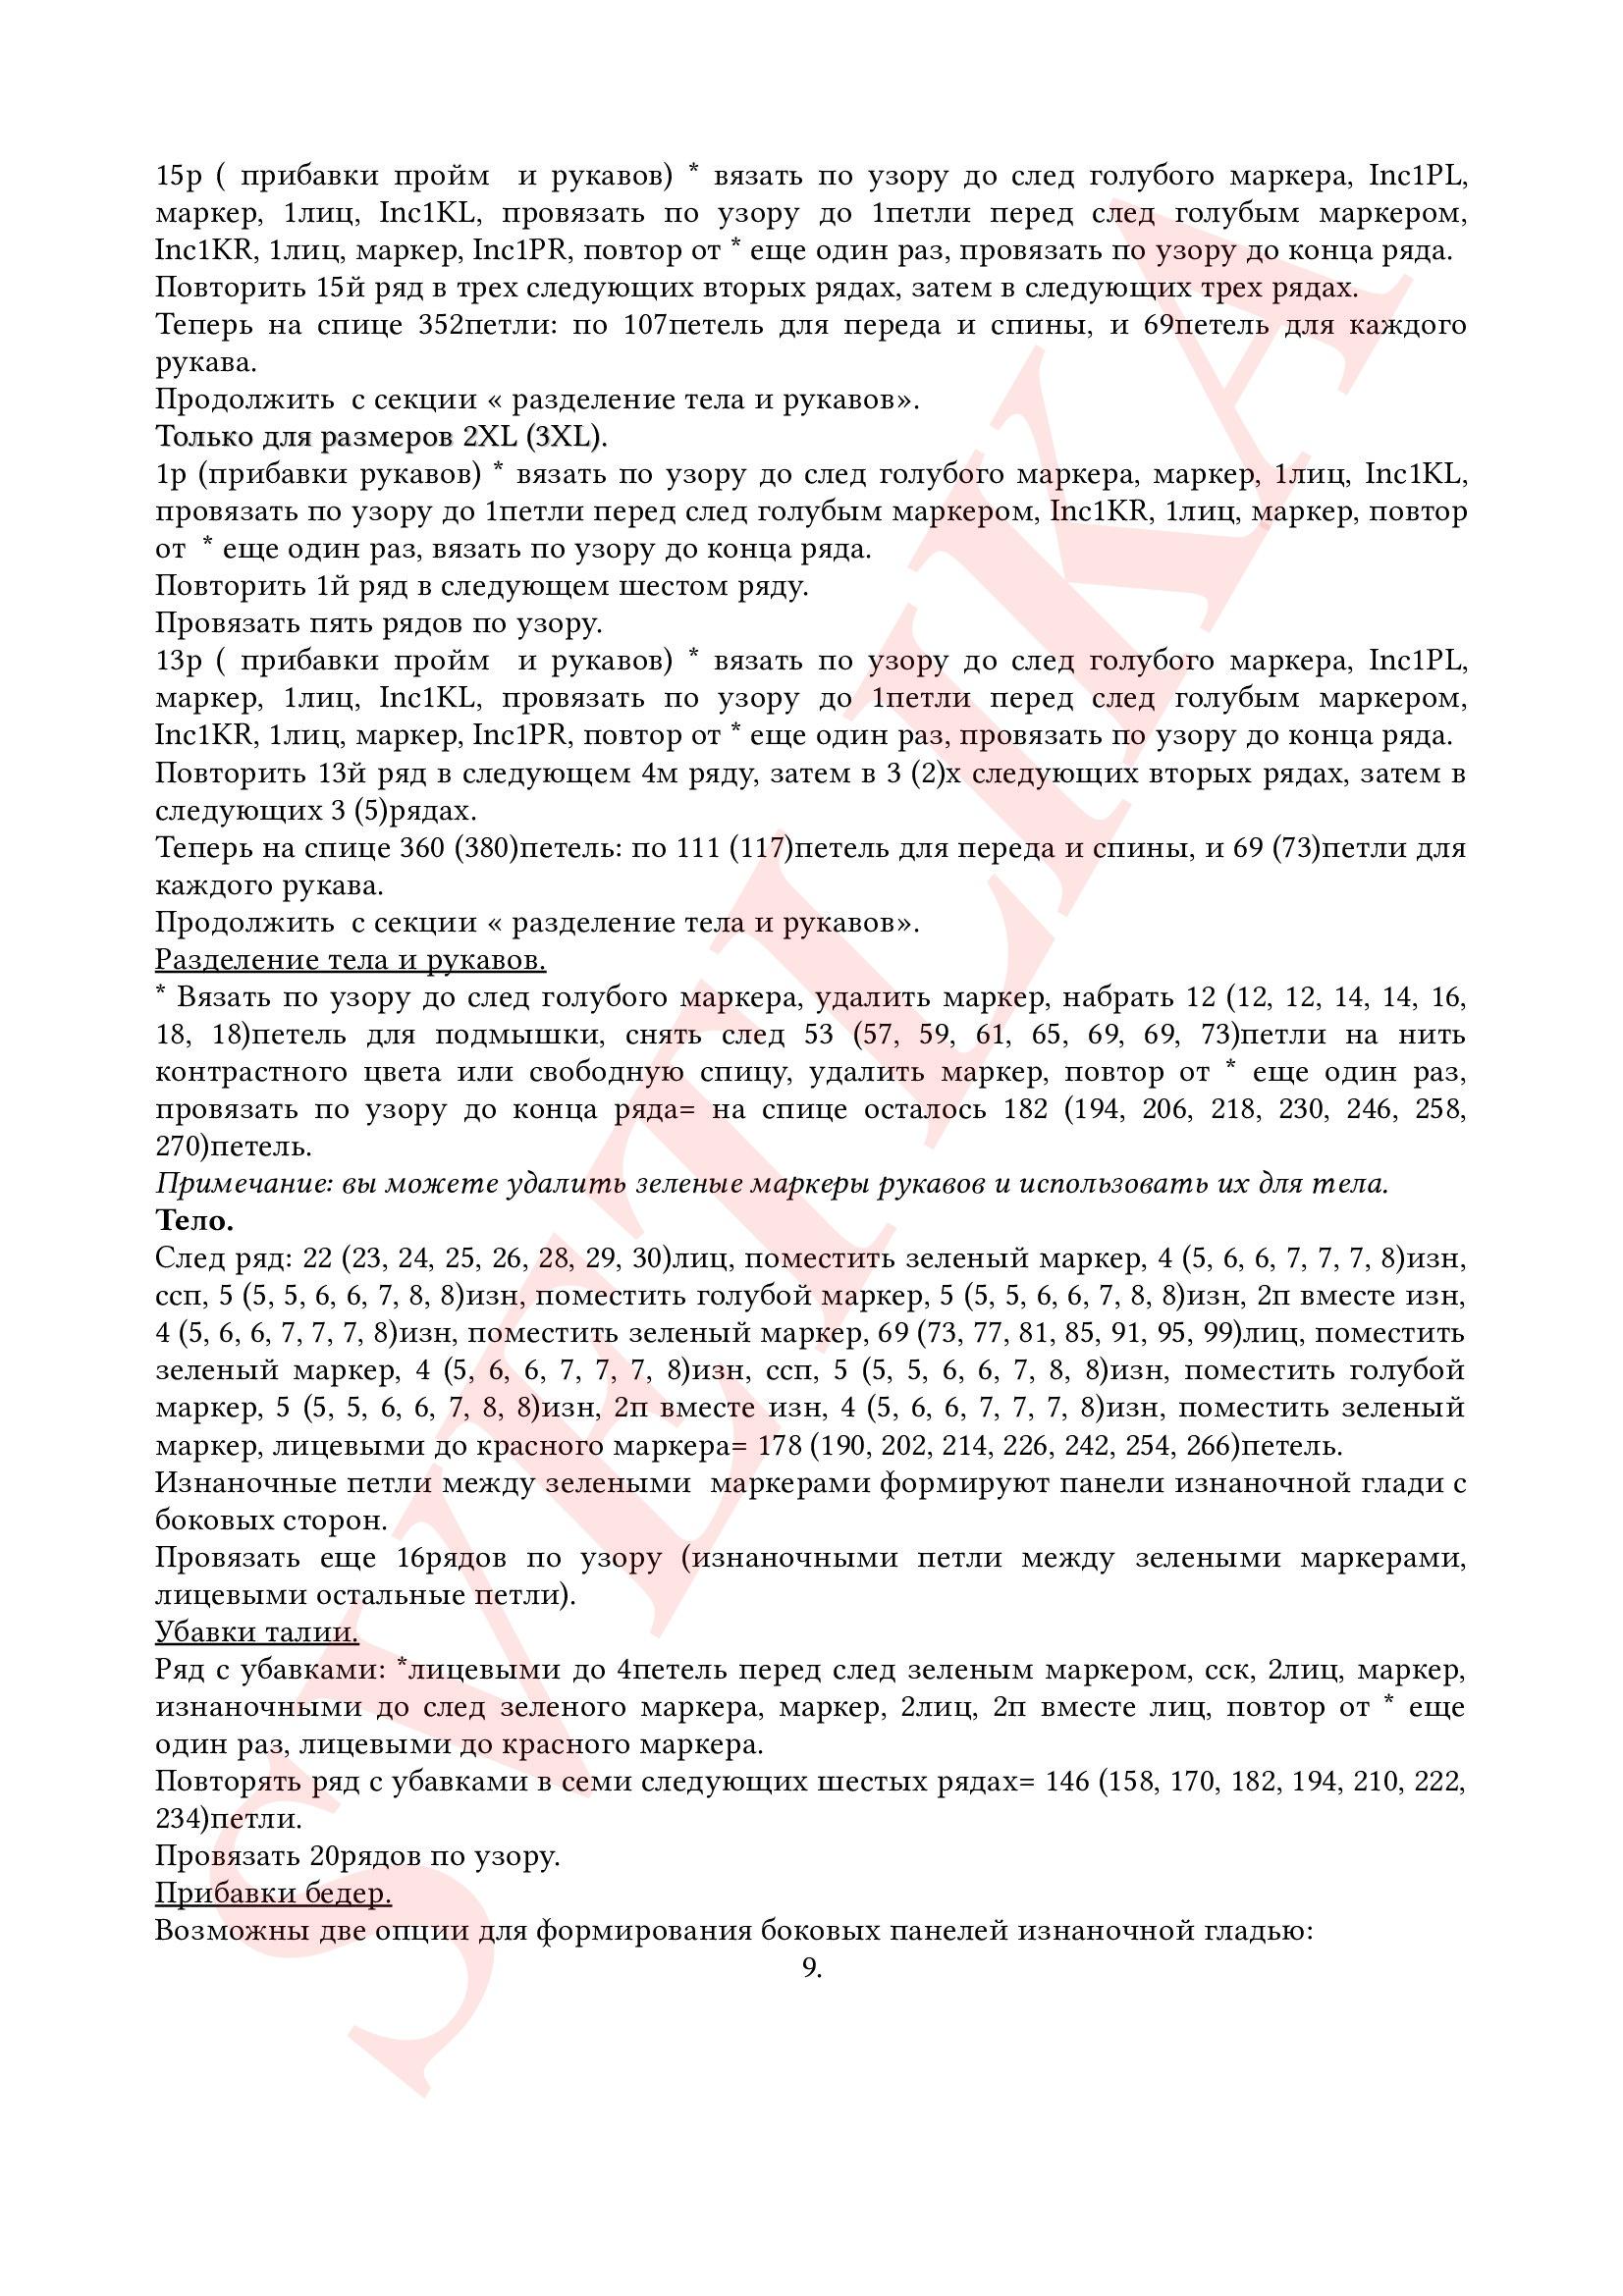 https://img-fotki.yandex.ru/get/219501/125862467.a6/0_1ba54f_bcfb58b_orig